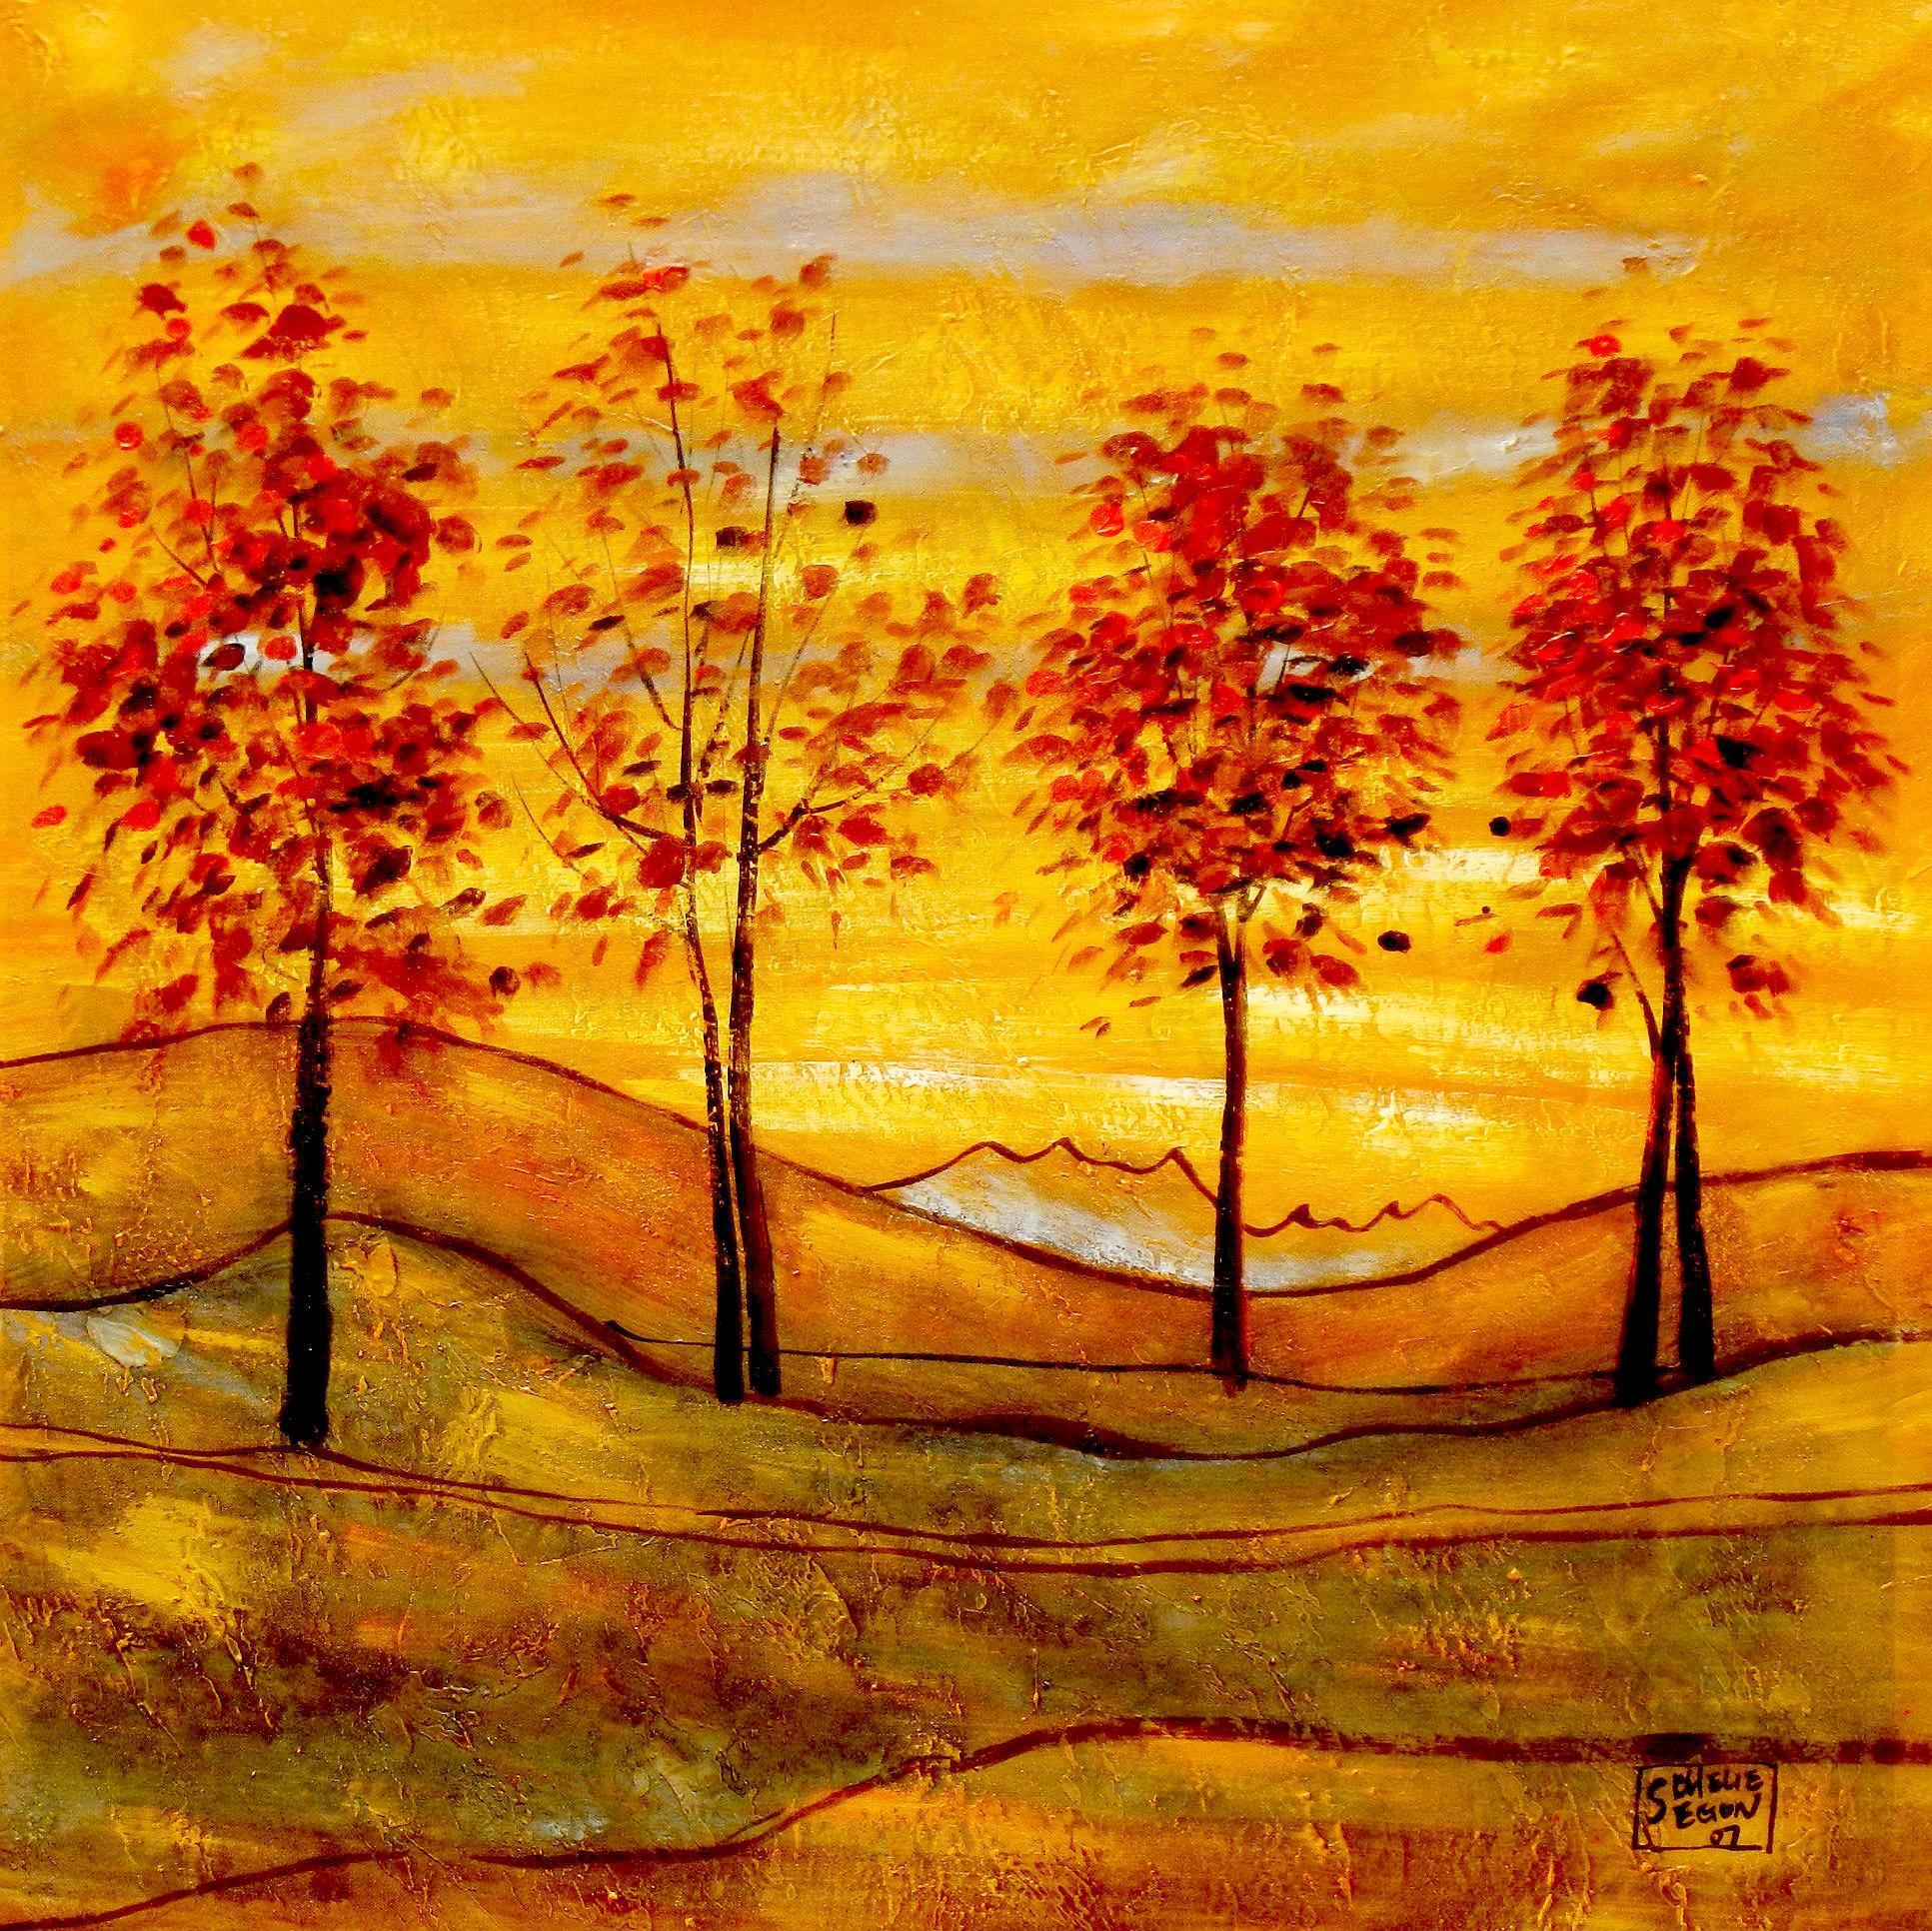 Egon Schiele - Vier Bäume g93452 80x80cm exzellentes Ölbild